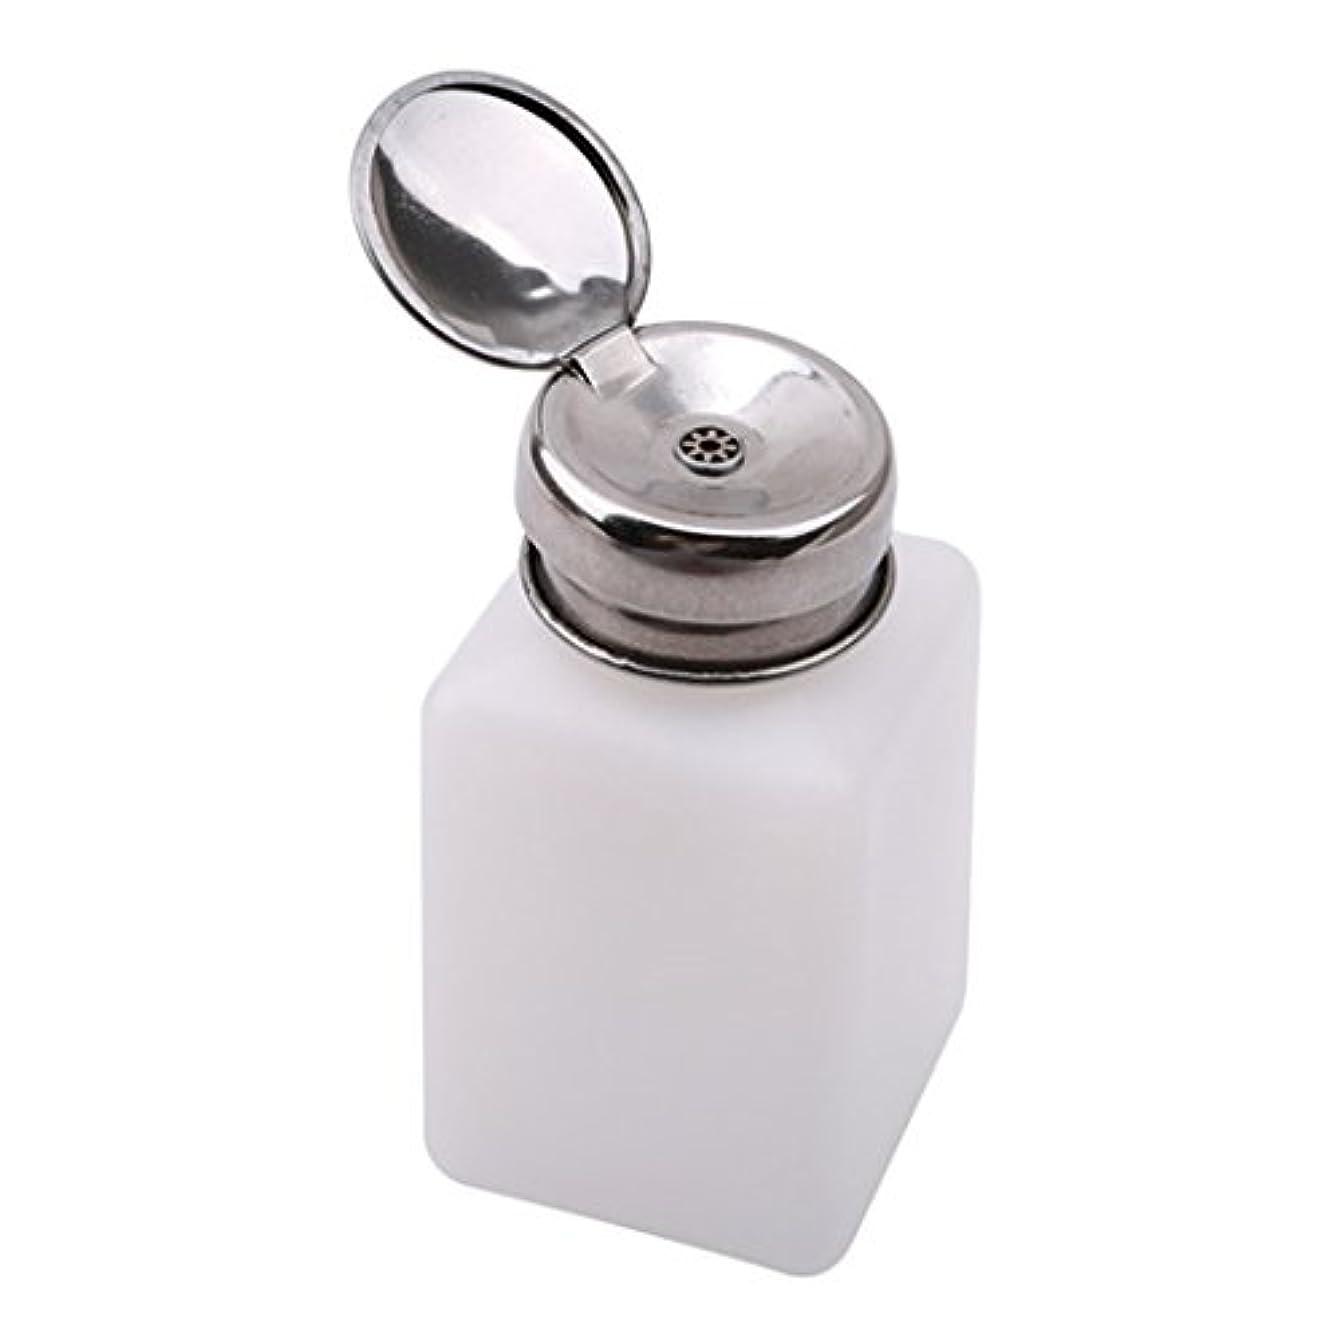 ゴミ箱間違いなく絵PINKING ポンプディスペンサー ネイル リットル空ポンプ ネイルクリーナーボトル 200ml